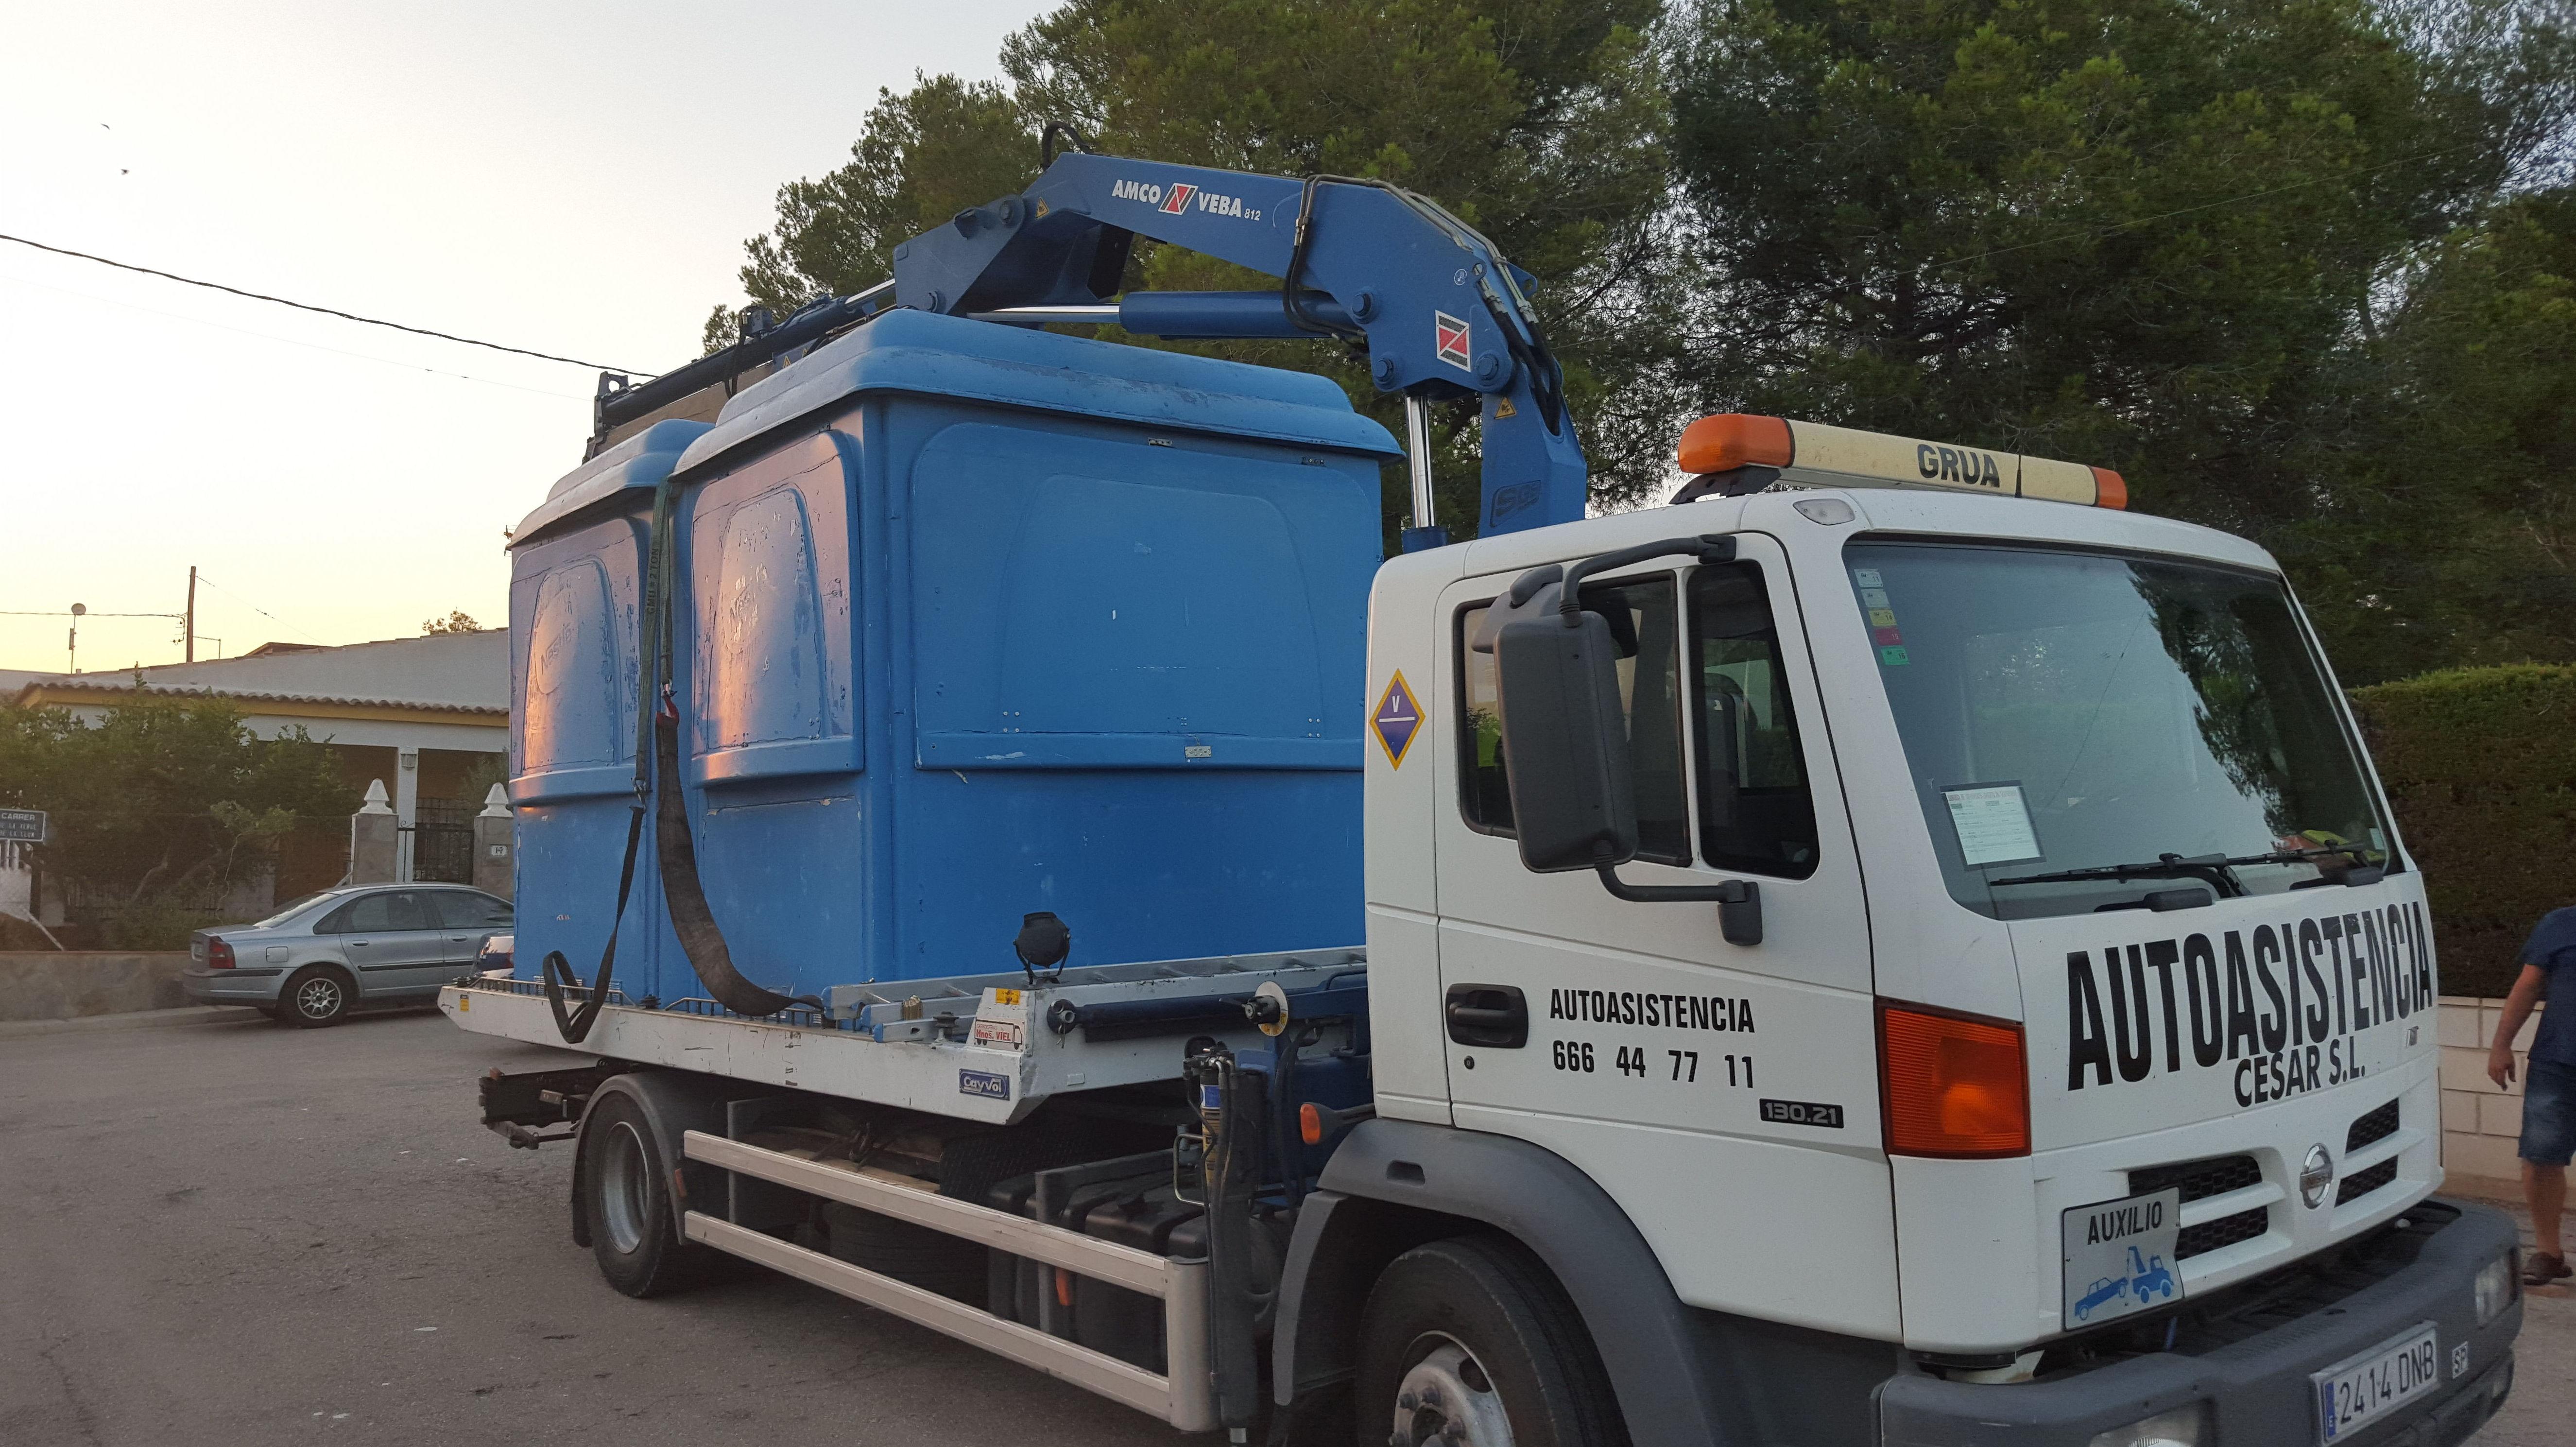 Foto 6 de Asistencia integral en carretera en VALENCIA | AUTOASISTENCIA CESAR S.L.